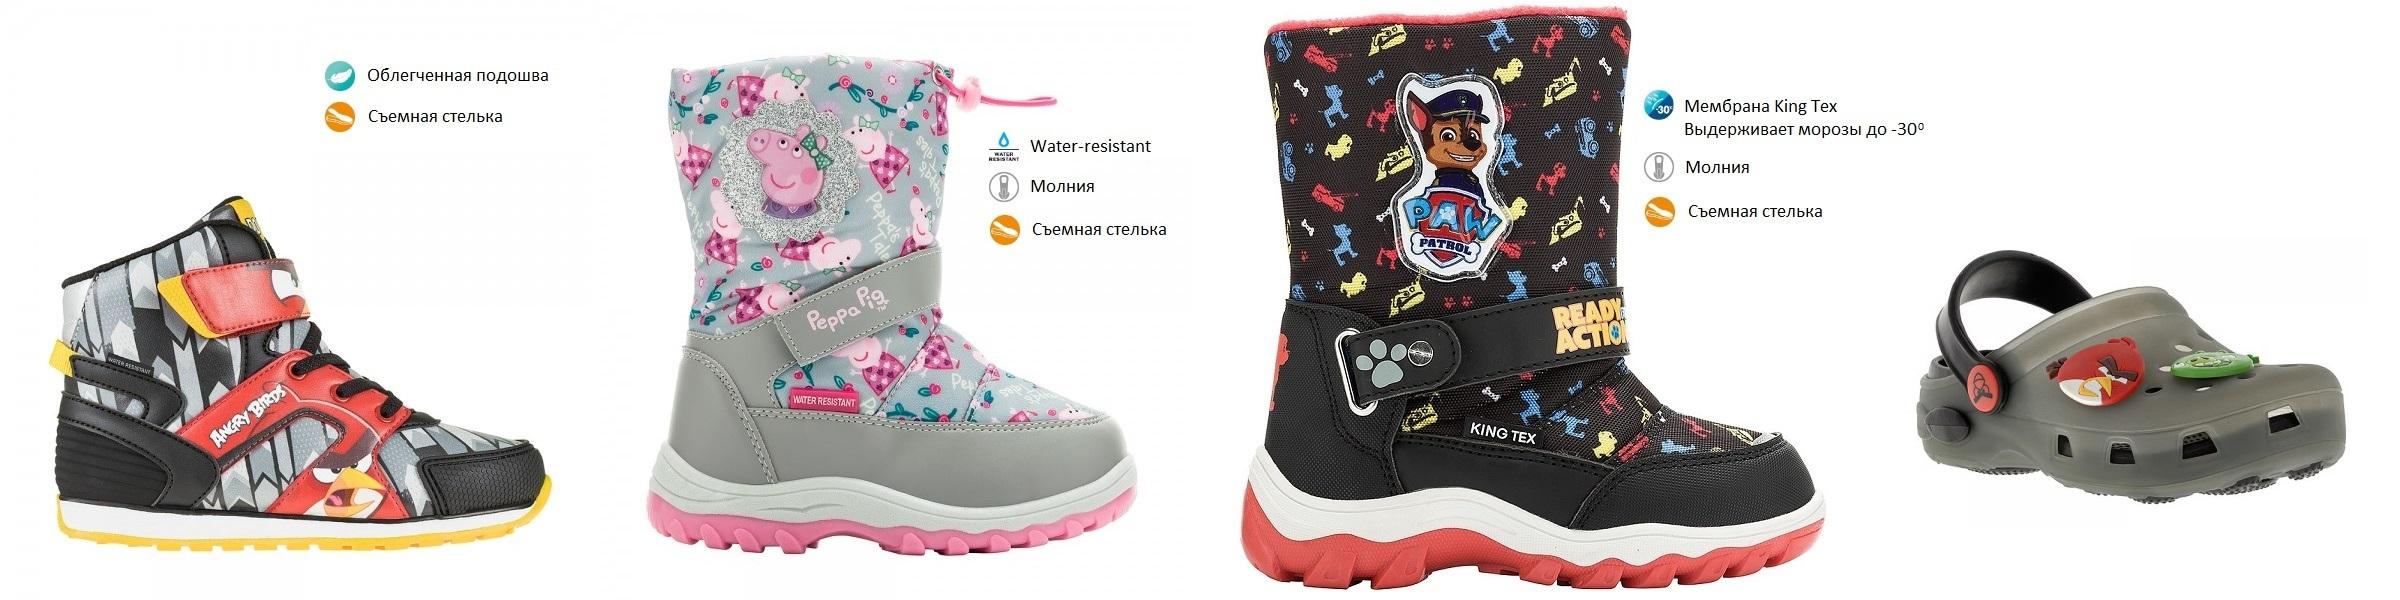 Акция!!! Пристрой обуви Crossway без оргсбора! Свинка Пеппа, мембрана Щенячий патруль, Angry Birds. Пока есть все размеры!